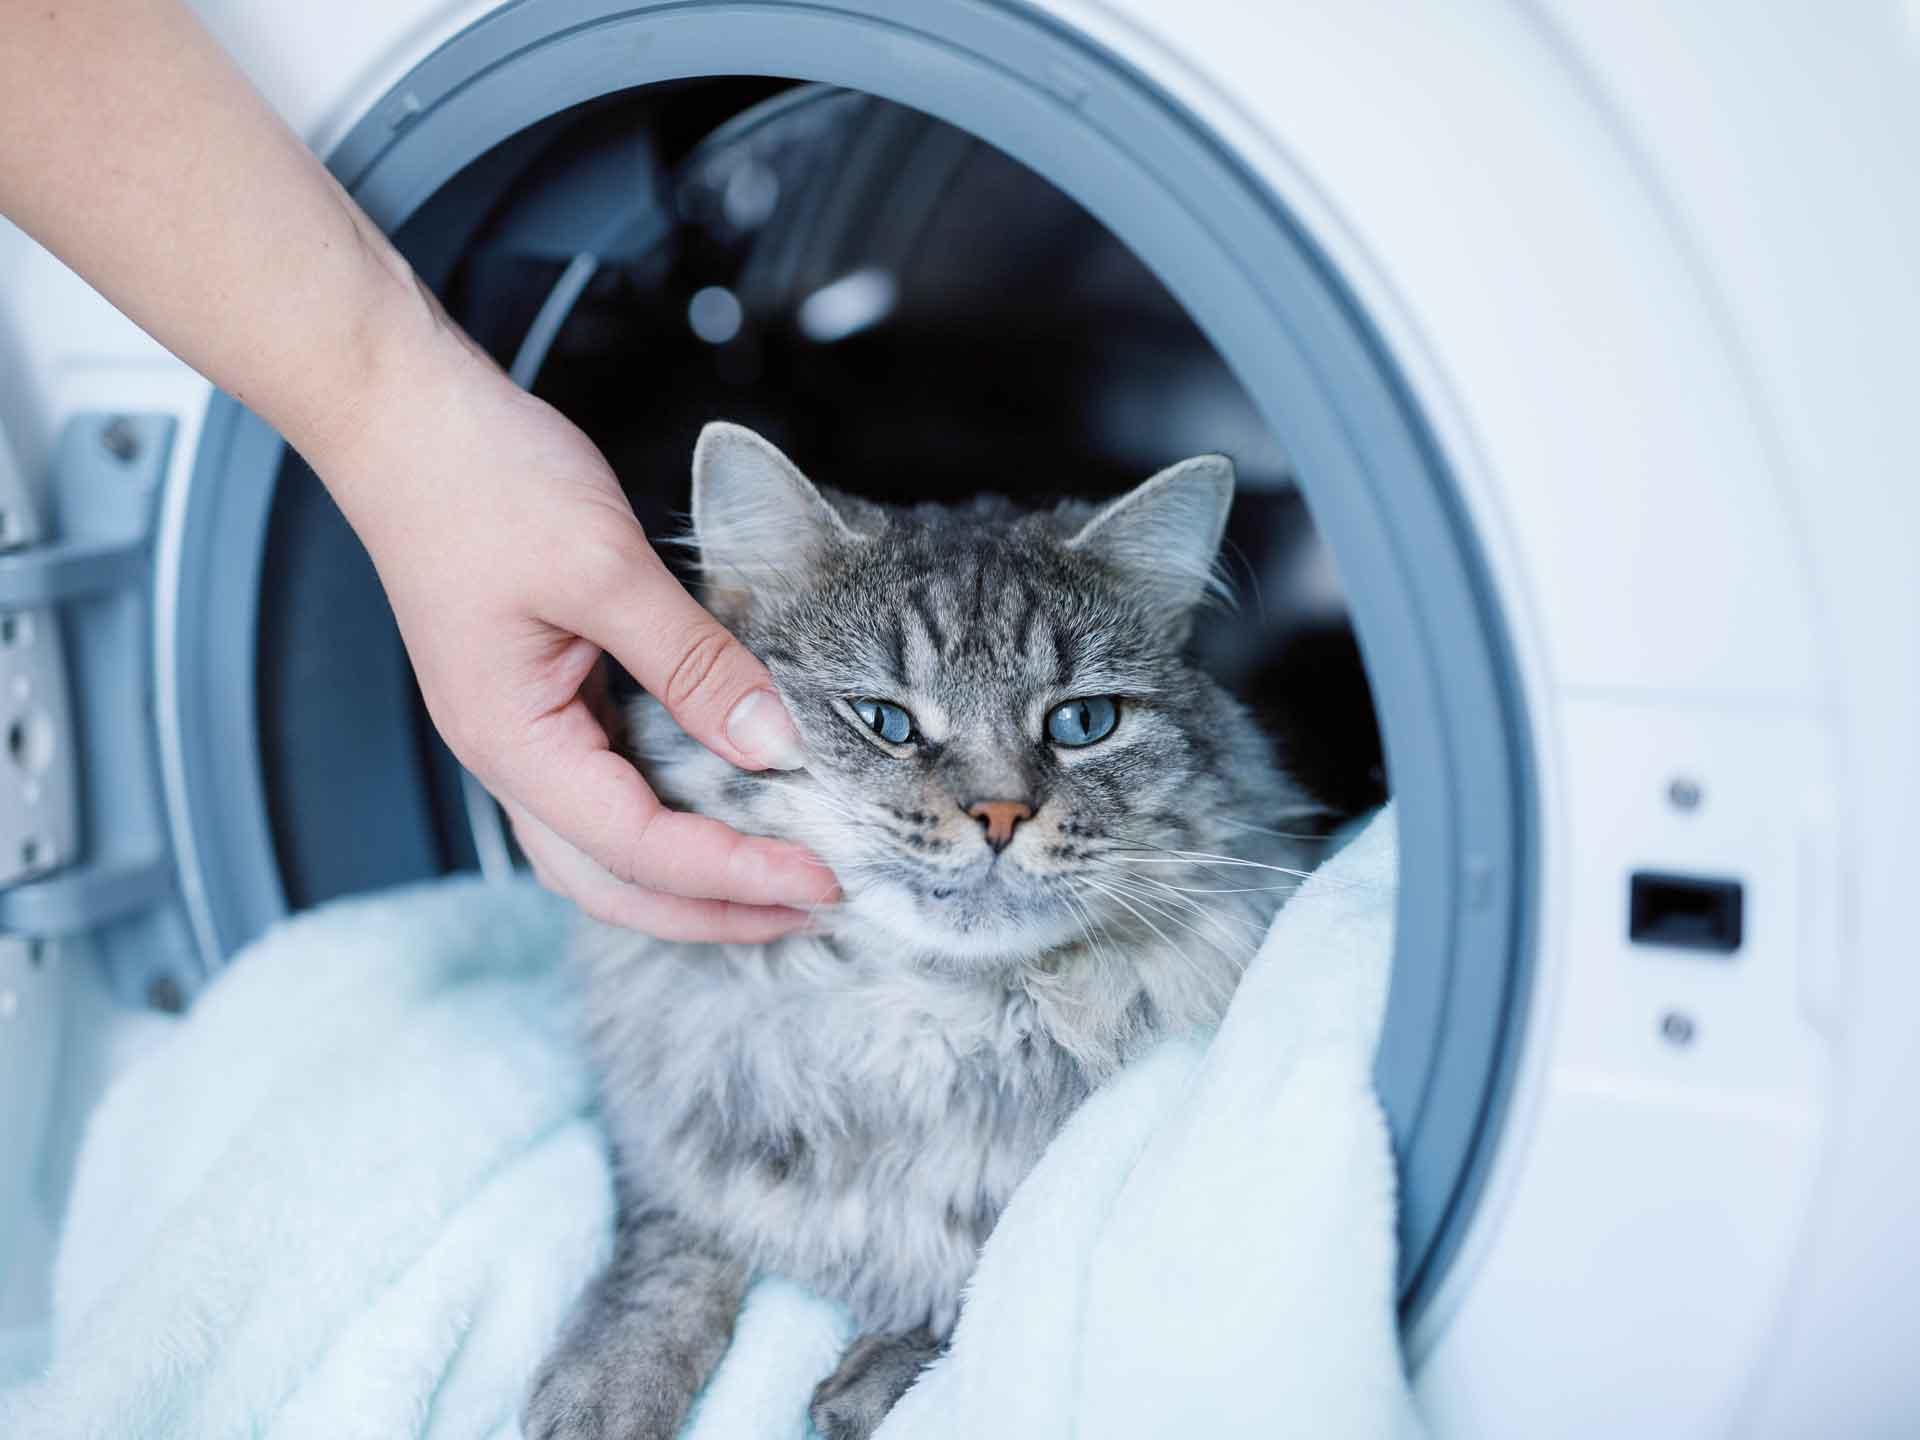 Heizkörperreinigung Conveclean Verfahren Tierhaare entfernen Waschmaschine